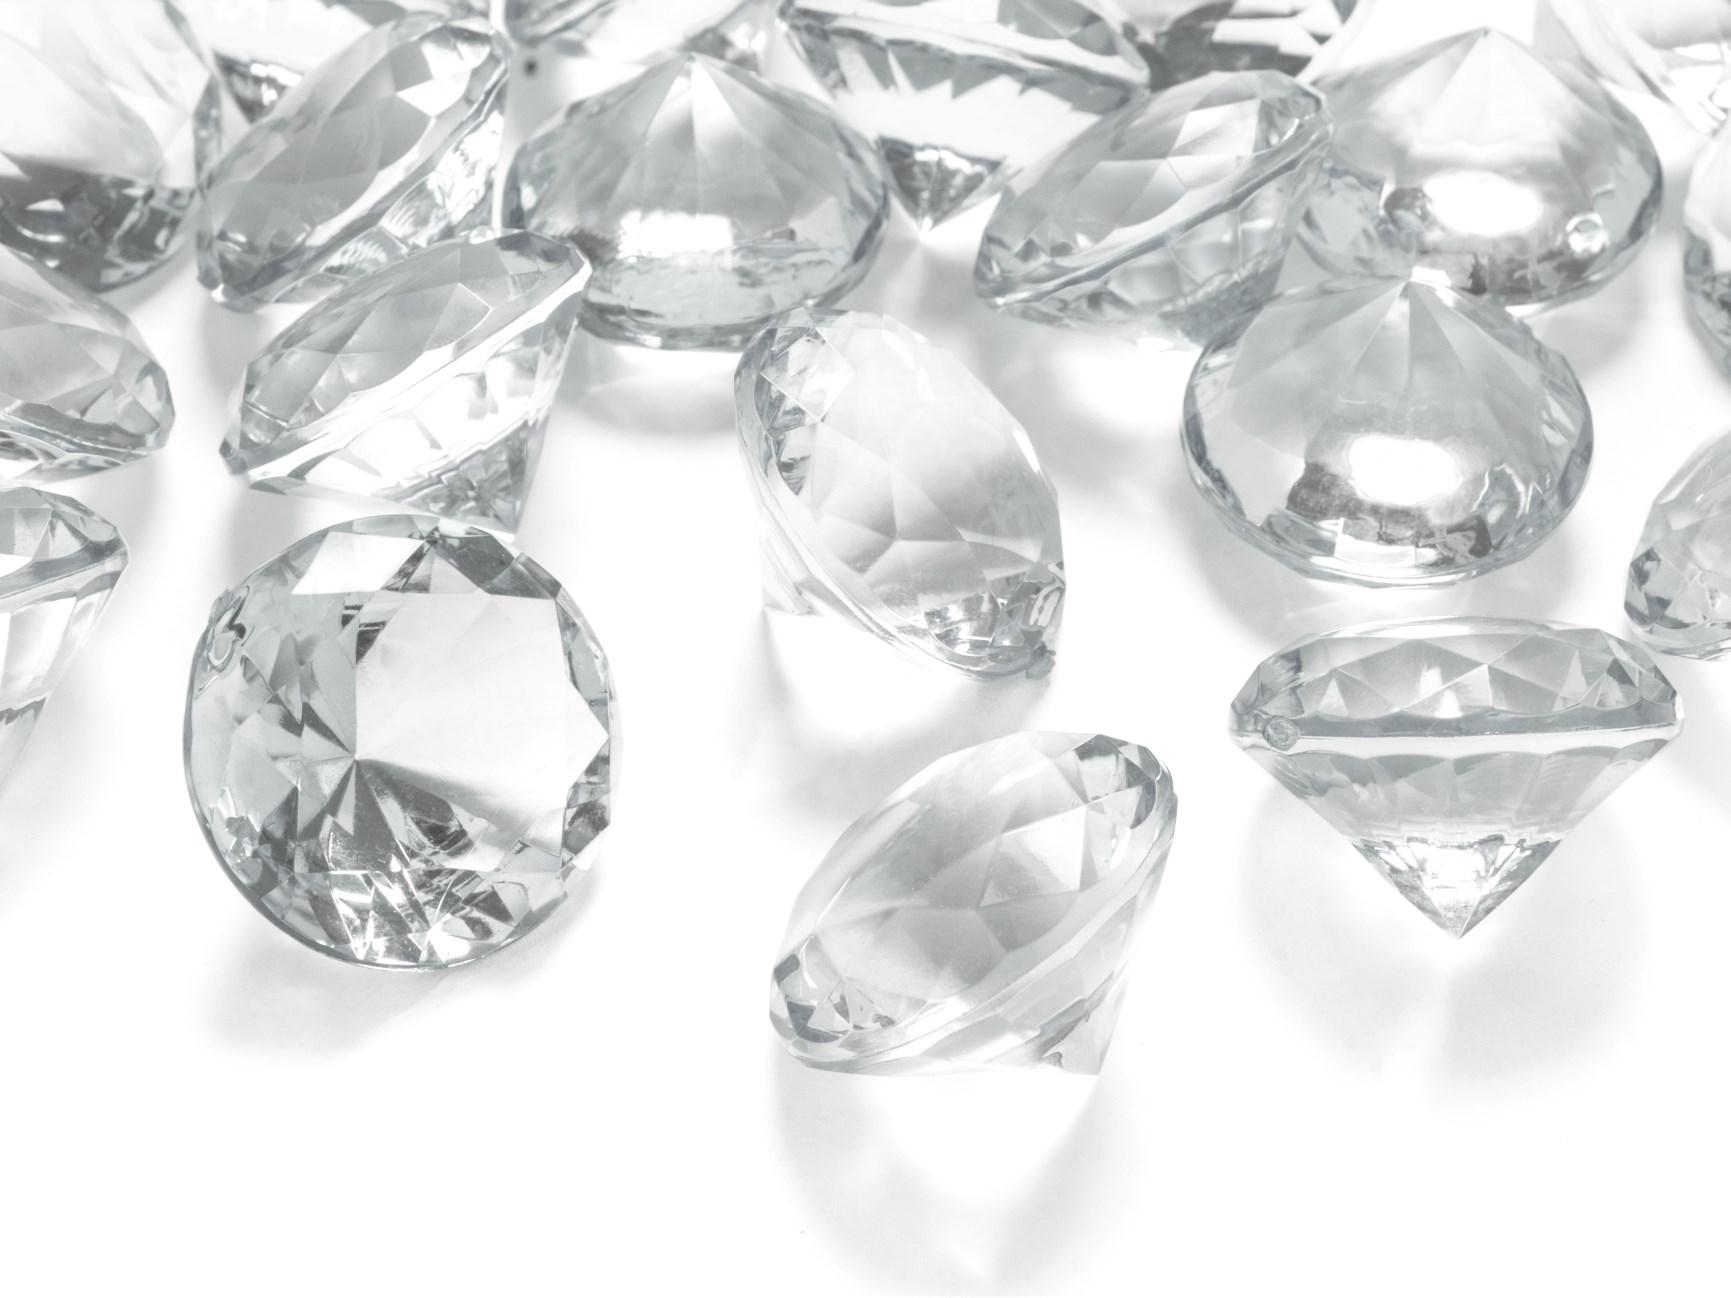 Κρυσταλλάκια σε Σχήμα Διαμαντού Διάφανα 30χλστ – 5 Τεμάχια